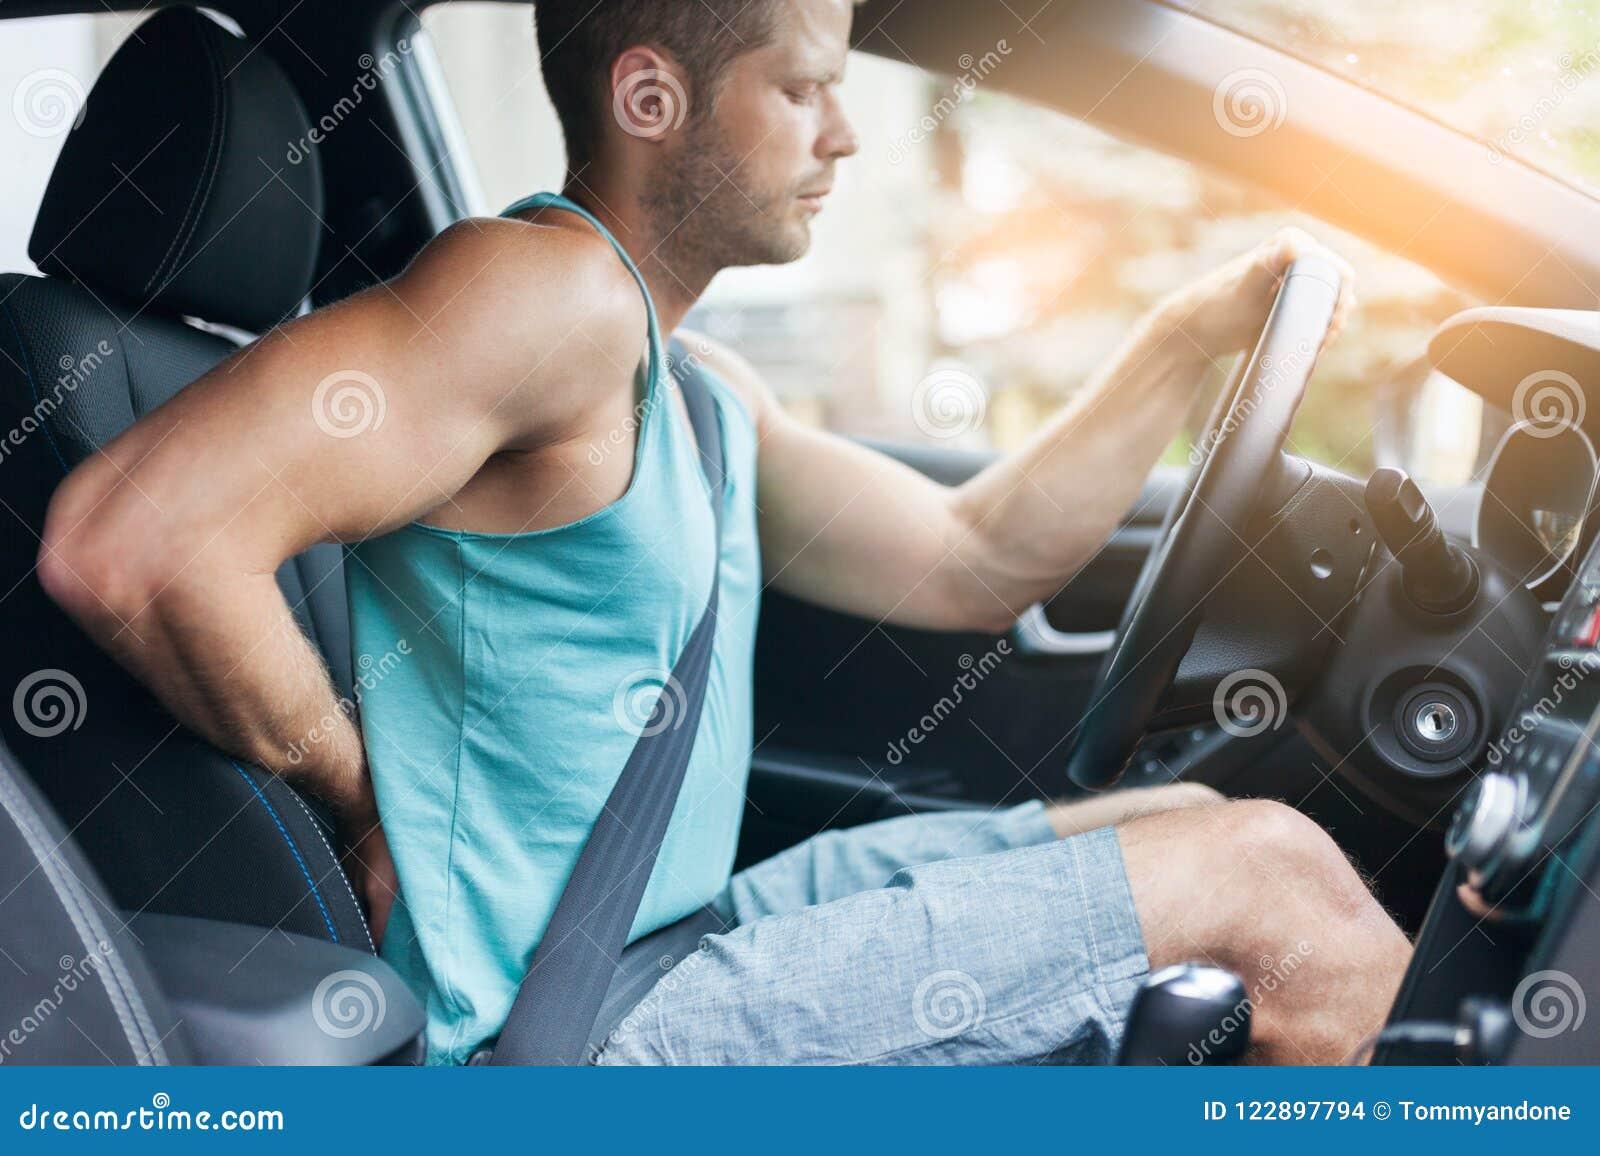 Uomo con dolore alla schiena dopo un azionamento lungo in automobile